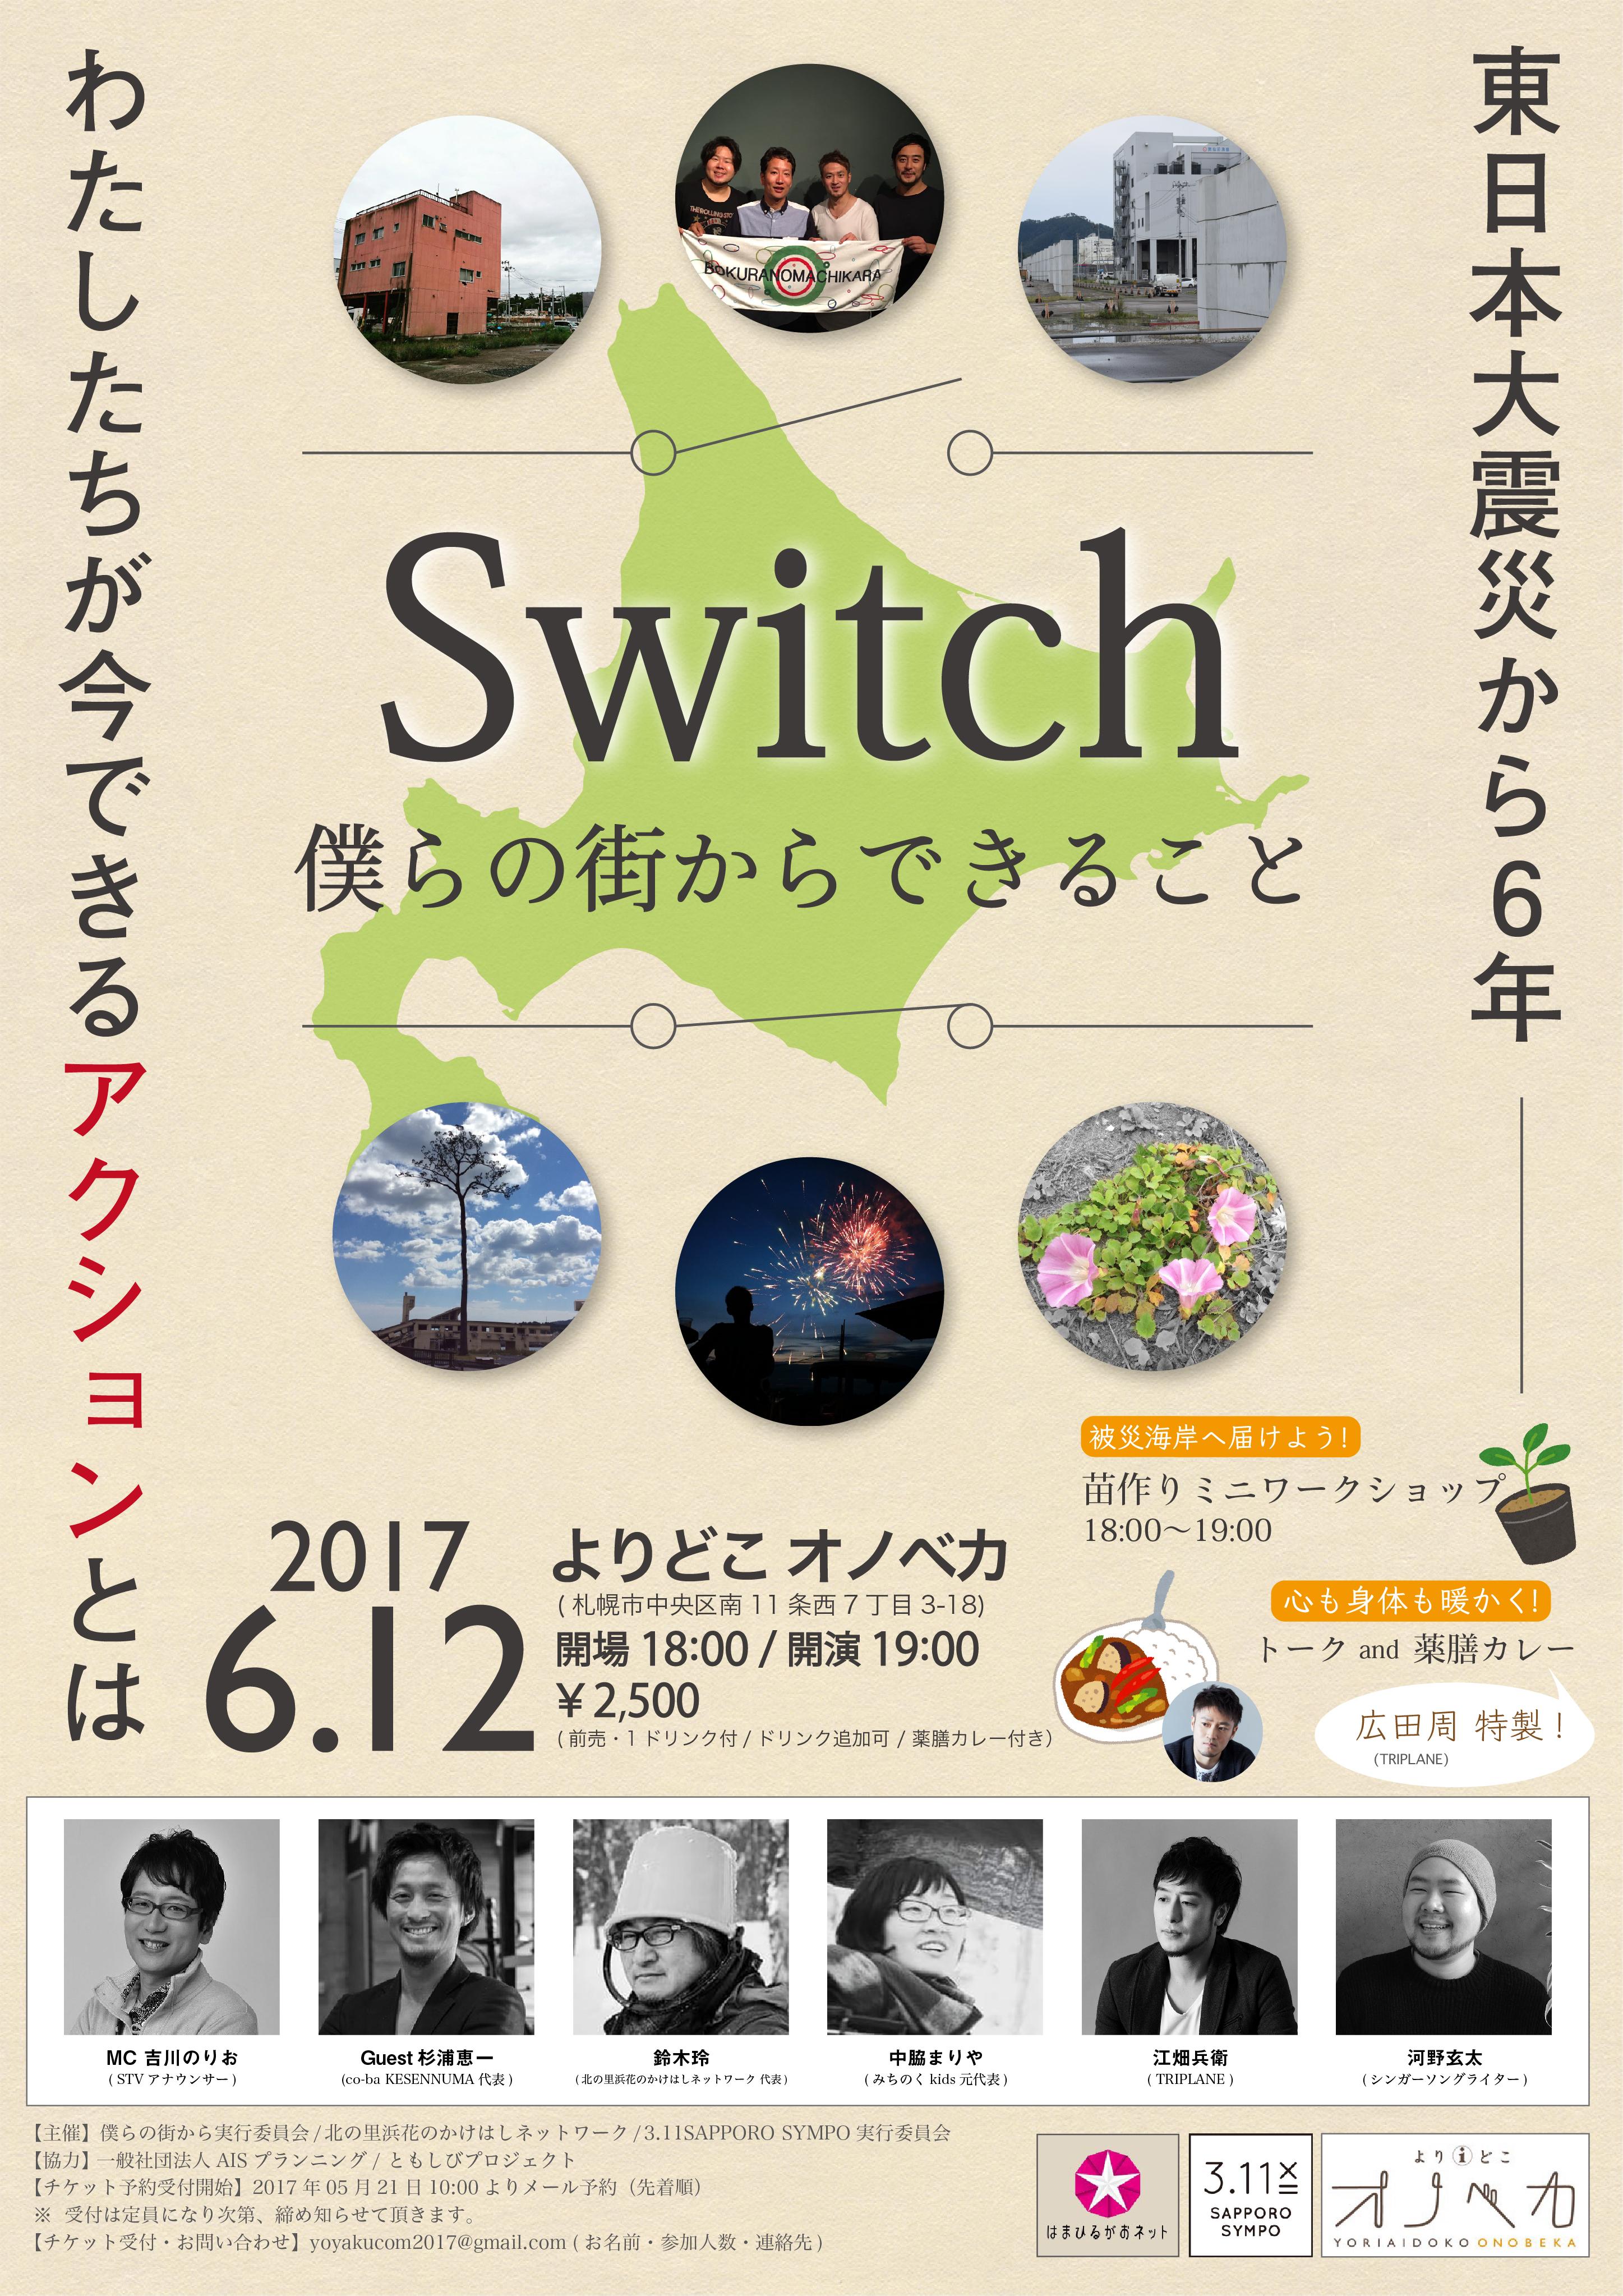 Switch - 僕らの街からできること -